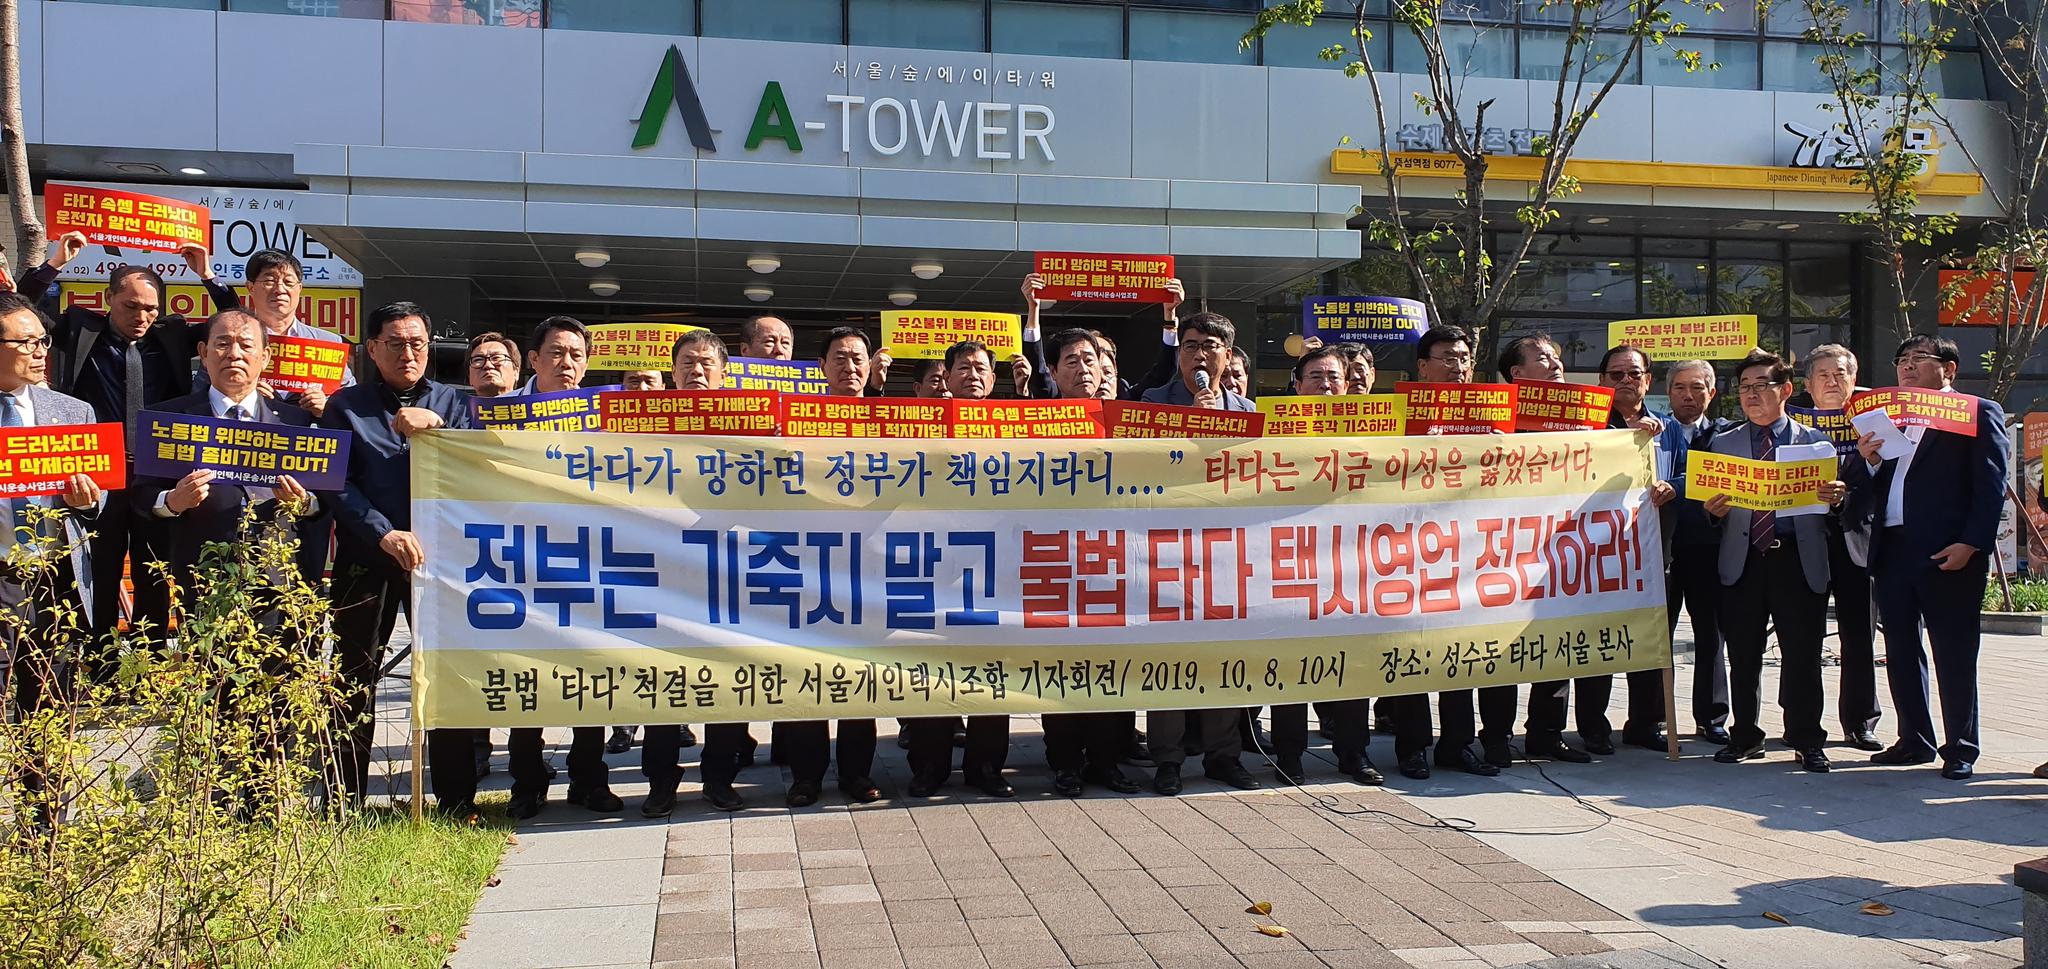 서울개인택시조합이 '타다 퇴출'을 촉구하는 집회를 열고 있다. [중앙포토]